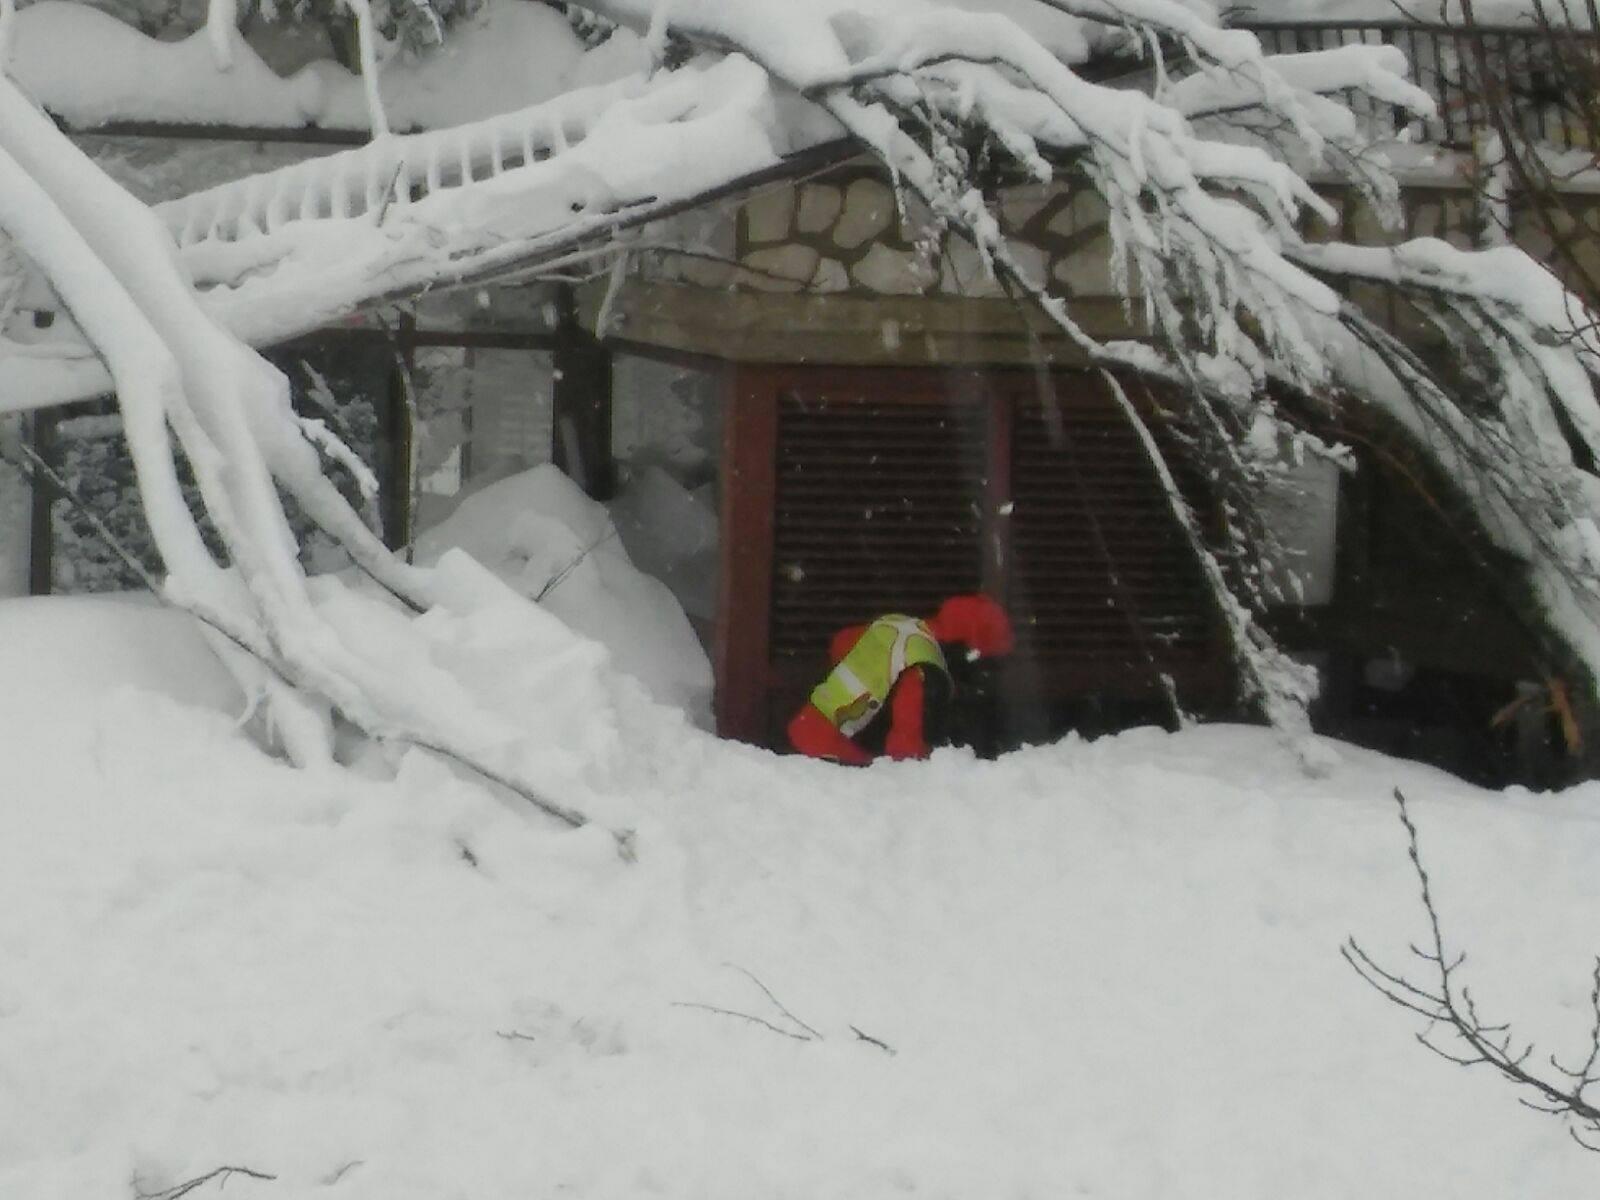 Emergenza Neve e Terremoto: 2 sopravvissuti, estratto il primo corpo | Emergency Live 8